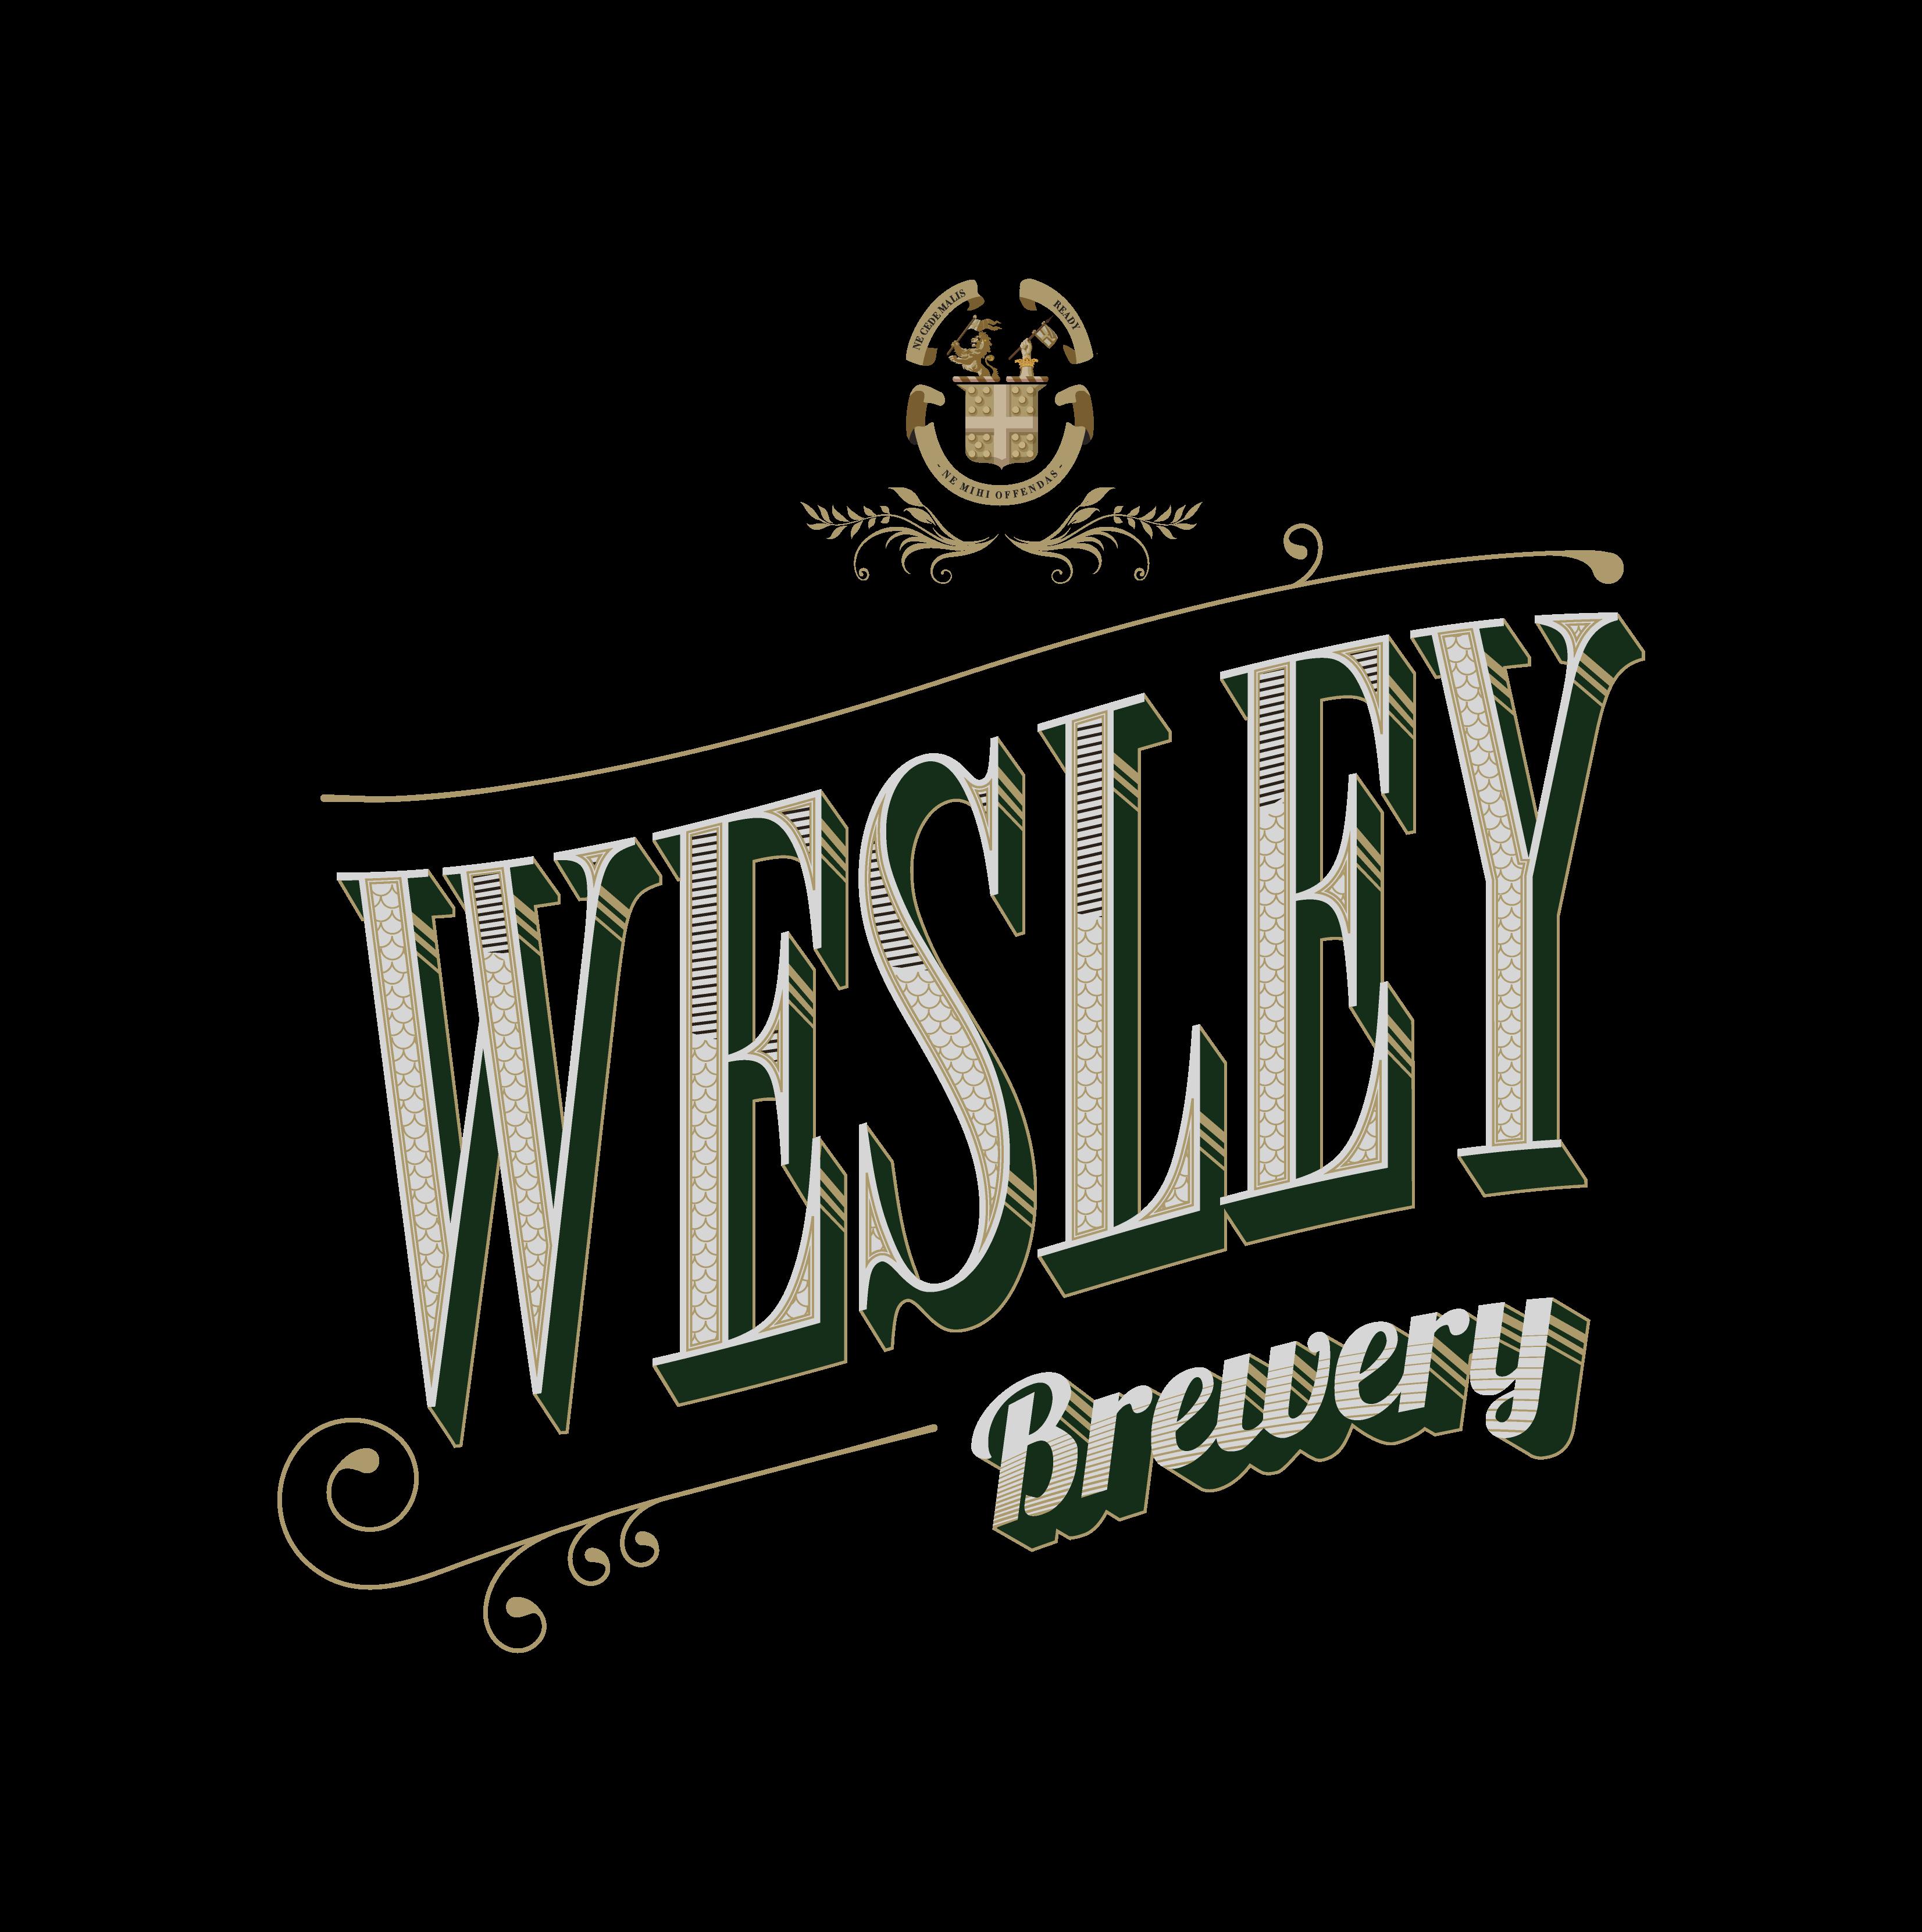 Logo for Wesley